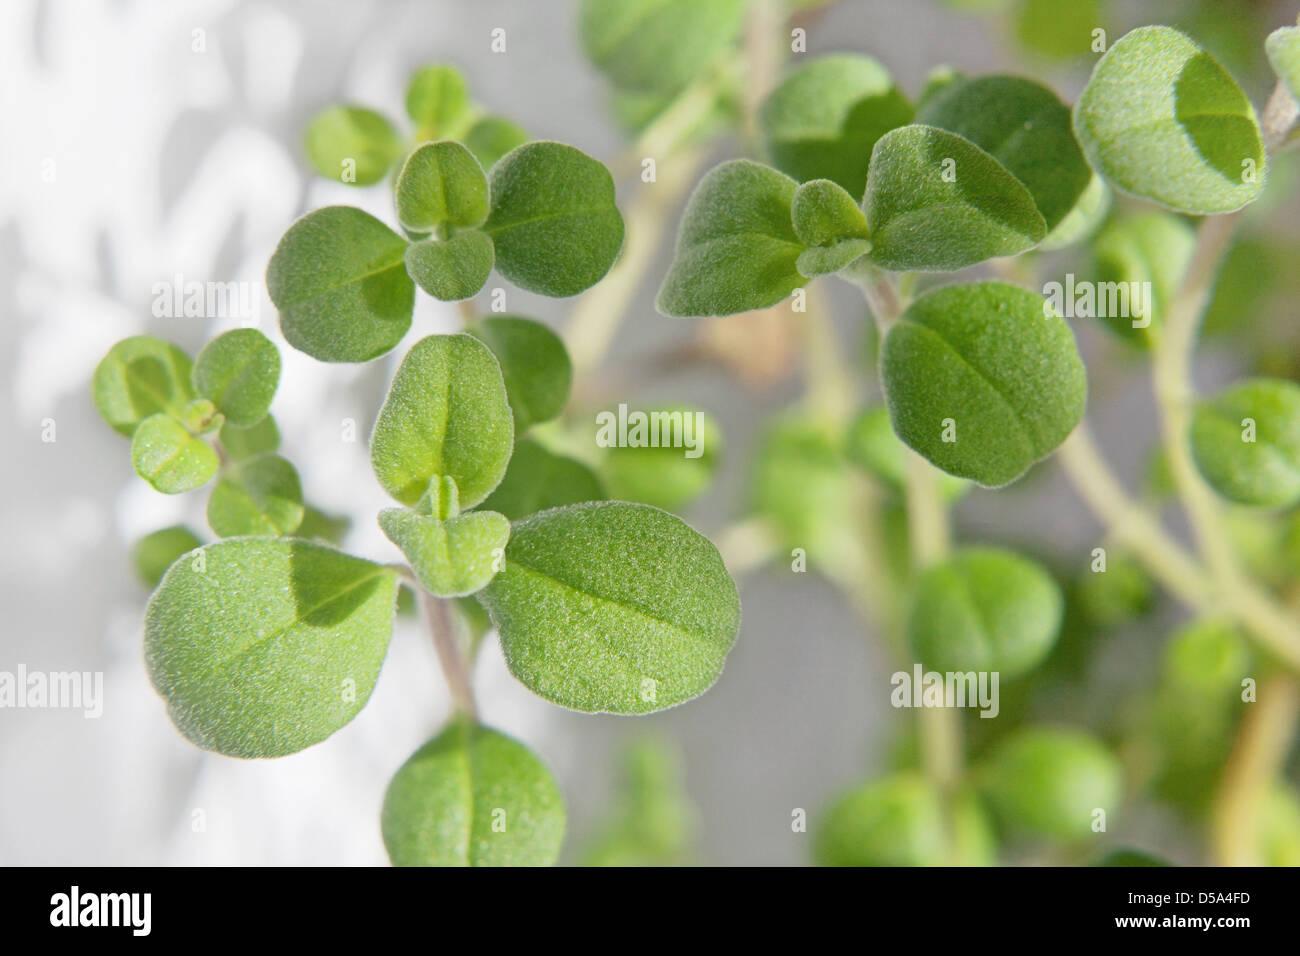 Growing An Indoor Herb Garden, marjoram growing in a container - Stock Image